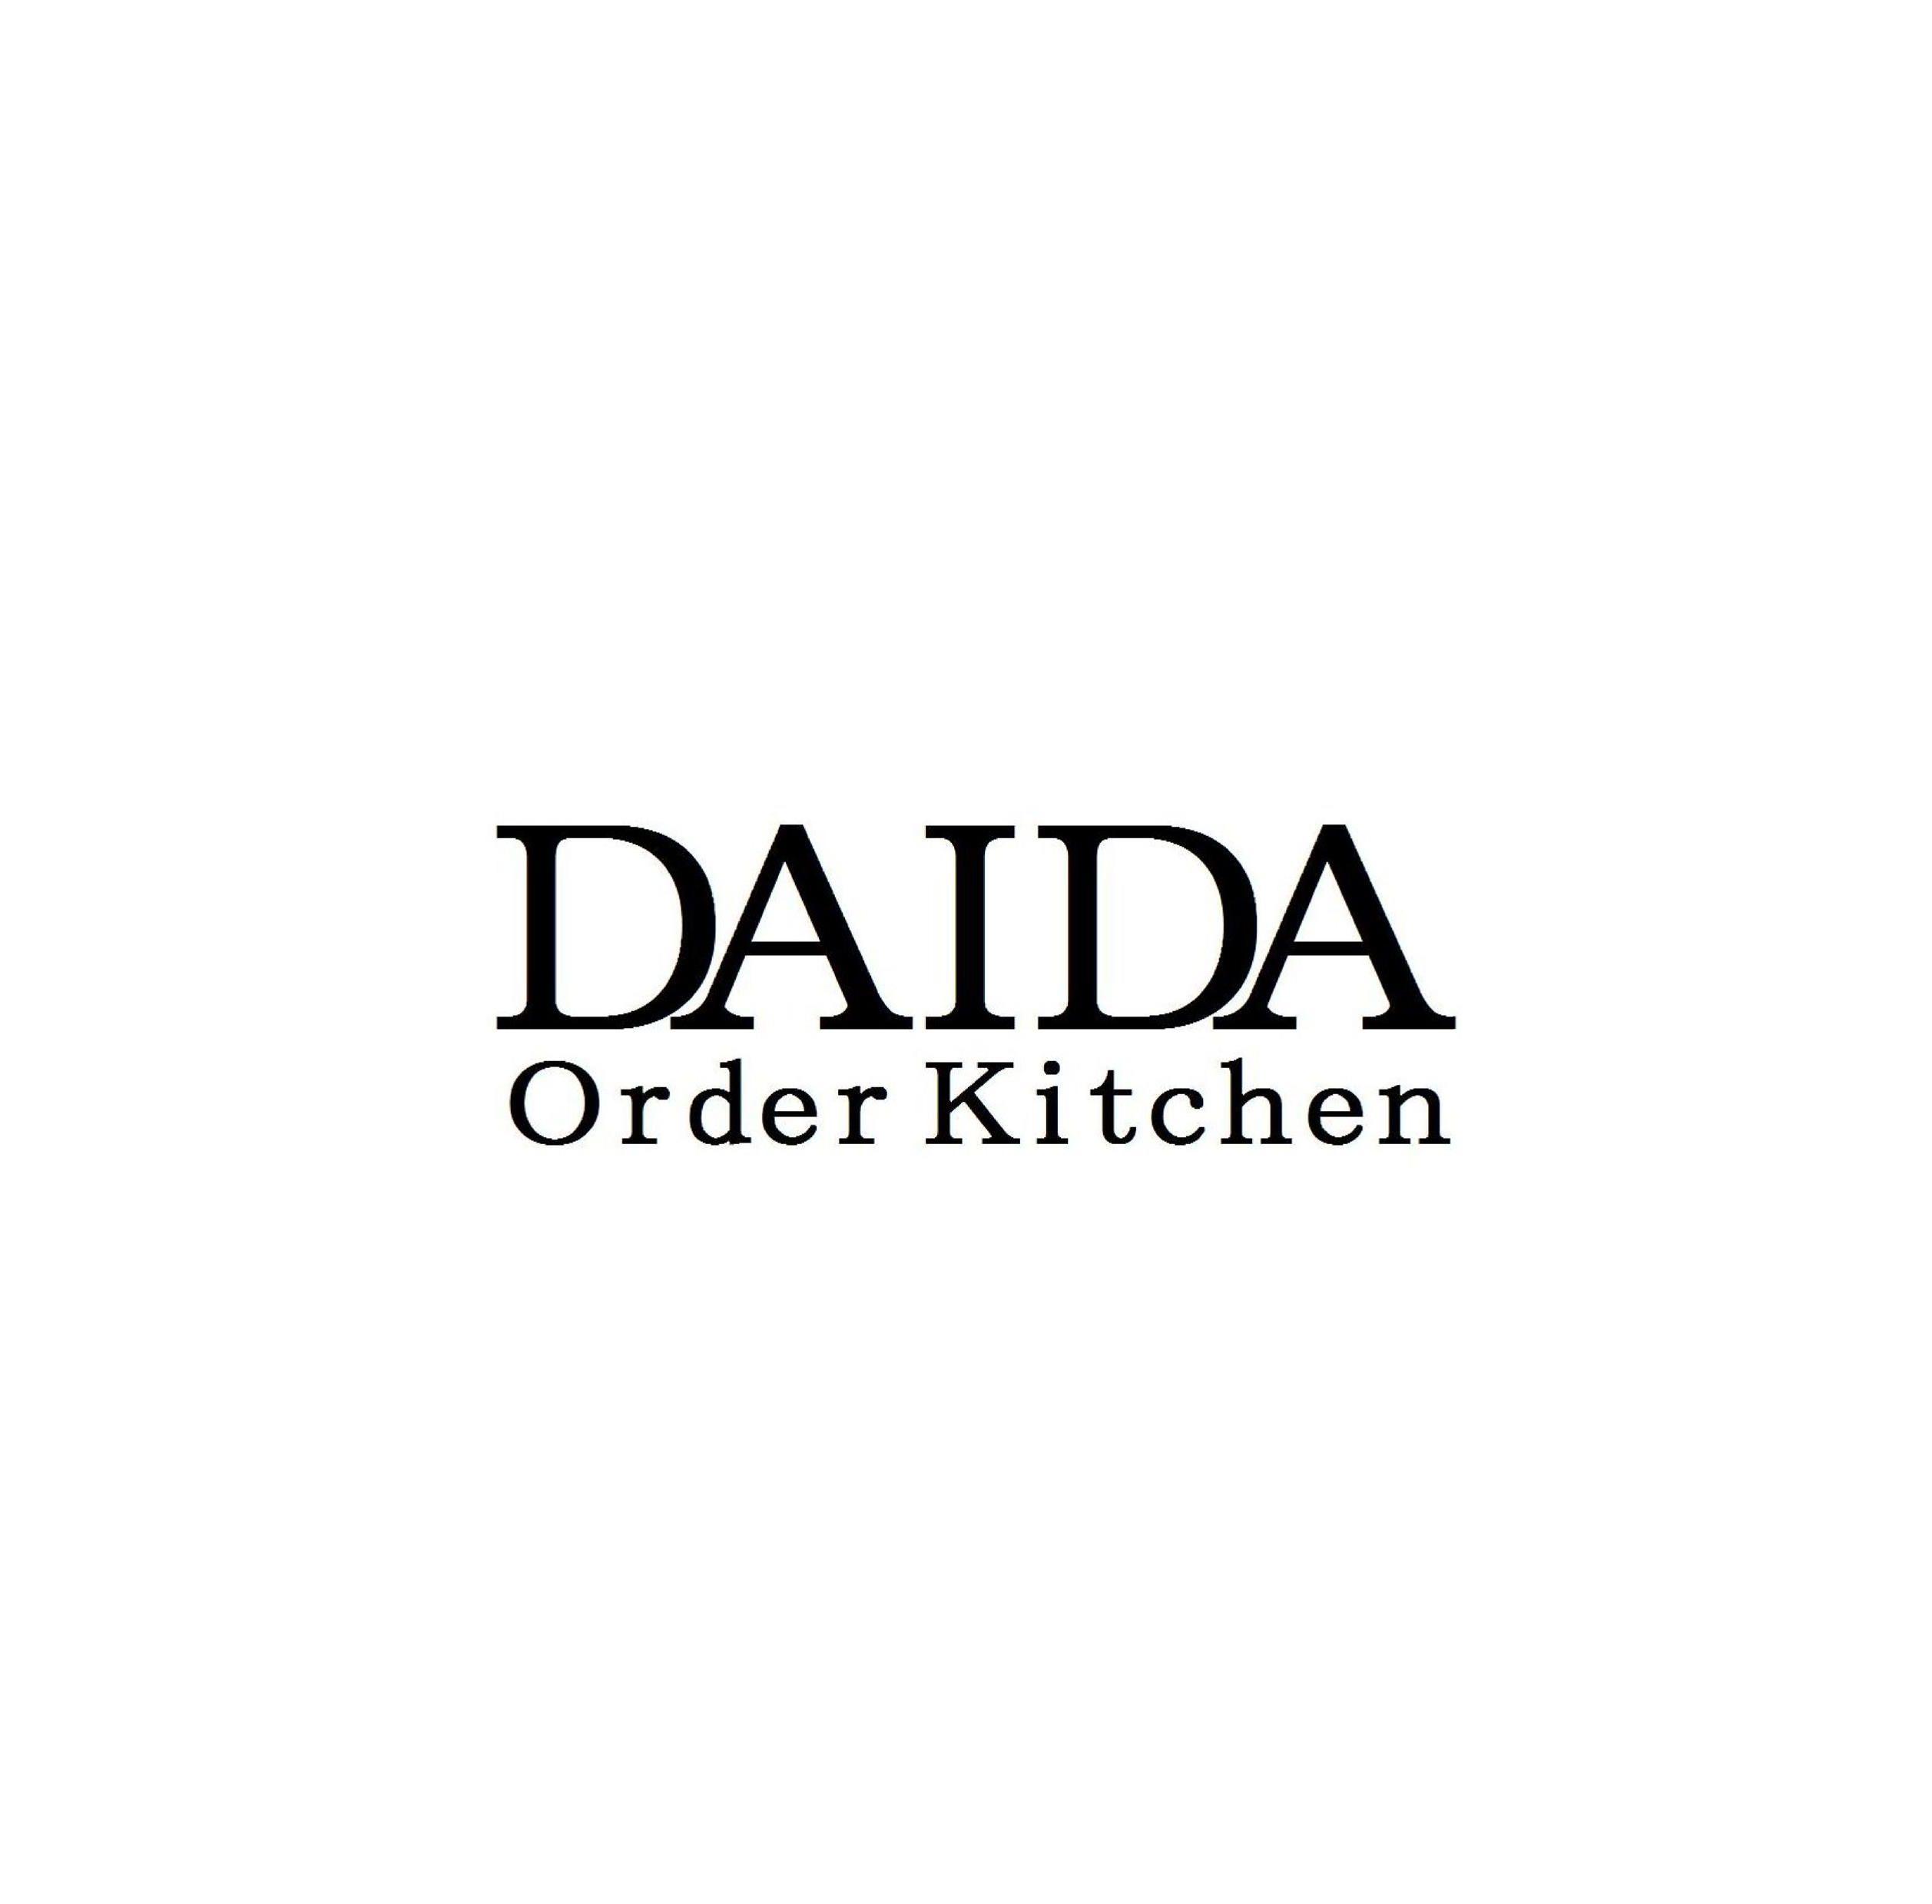 ちいさなキッチンメーカー・DAIDA